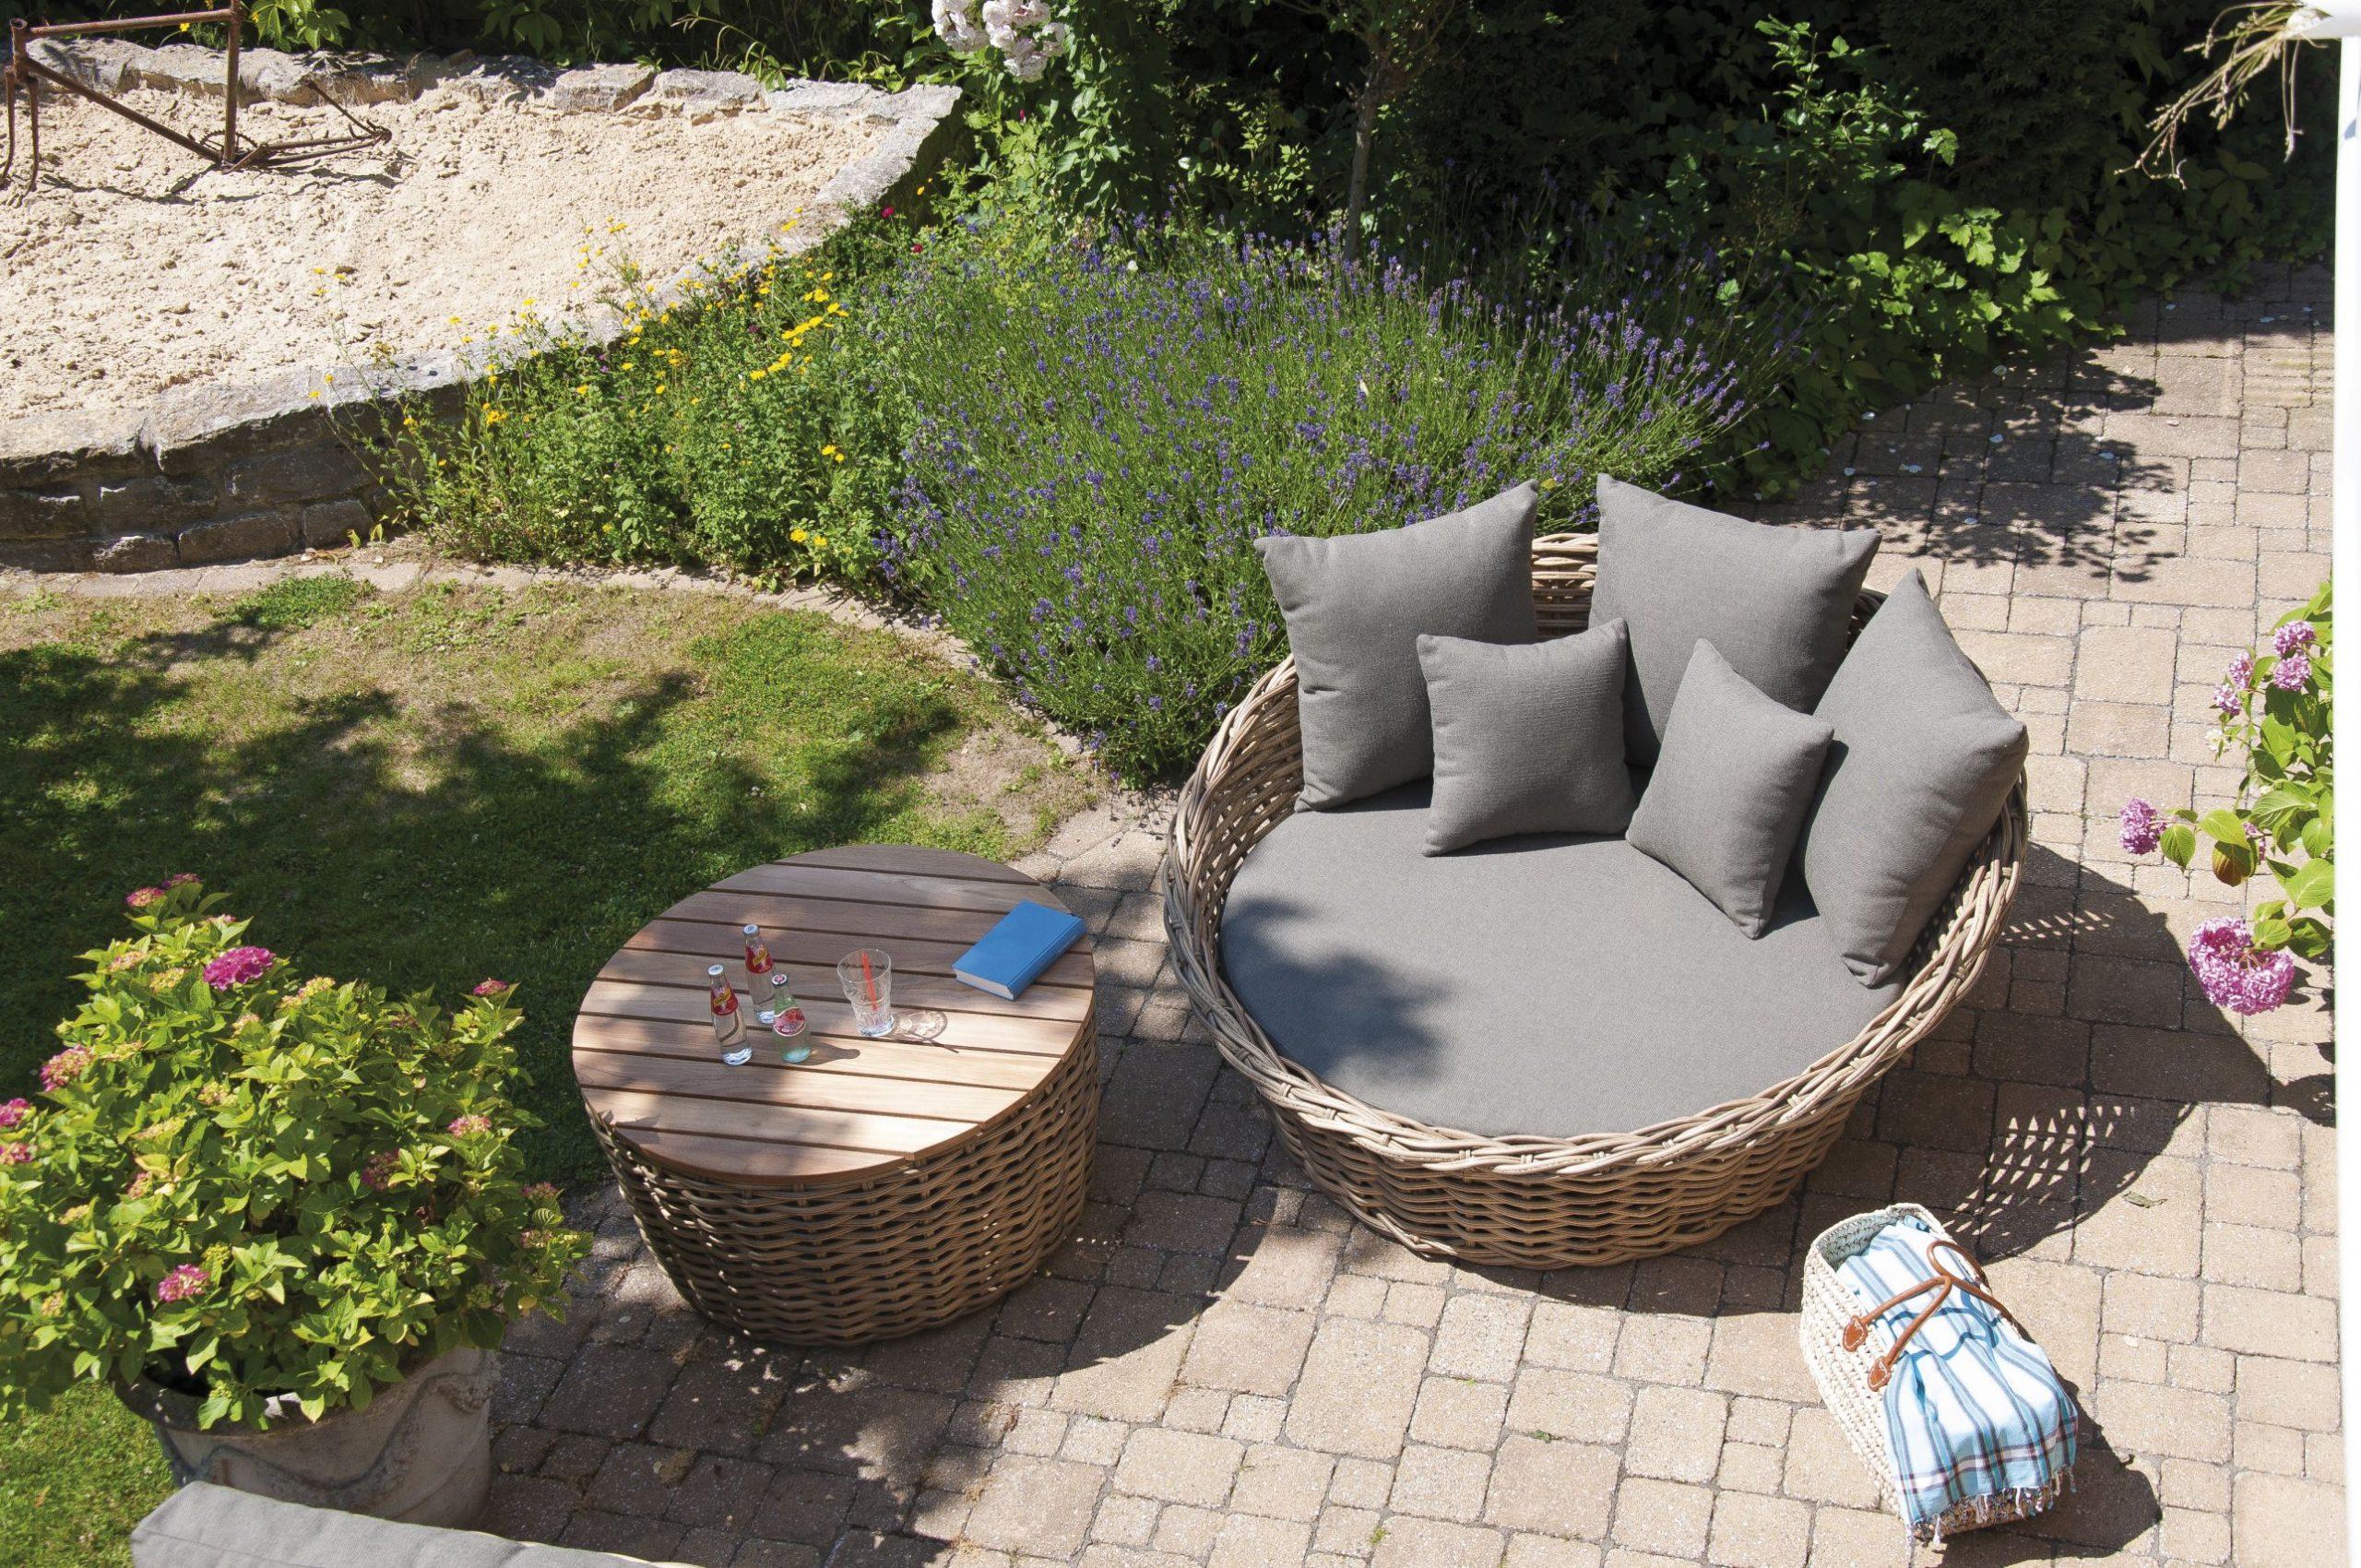 Full Size of Outdoor Bett Sonnenpartner Sands Lounge Tisch Online Kaufen Antike Betten 200x200 90x190 Schlafzimmer Set Mit Boxspringbett 90x200 Weiß Stauraum 140x200 Wohnzimmer Outdoor Bett